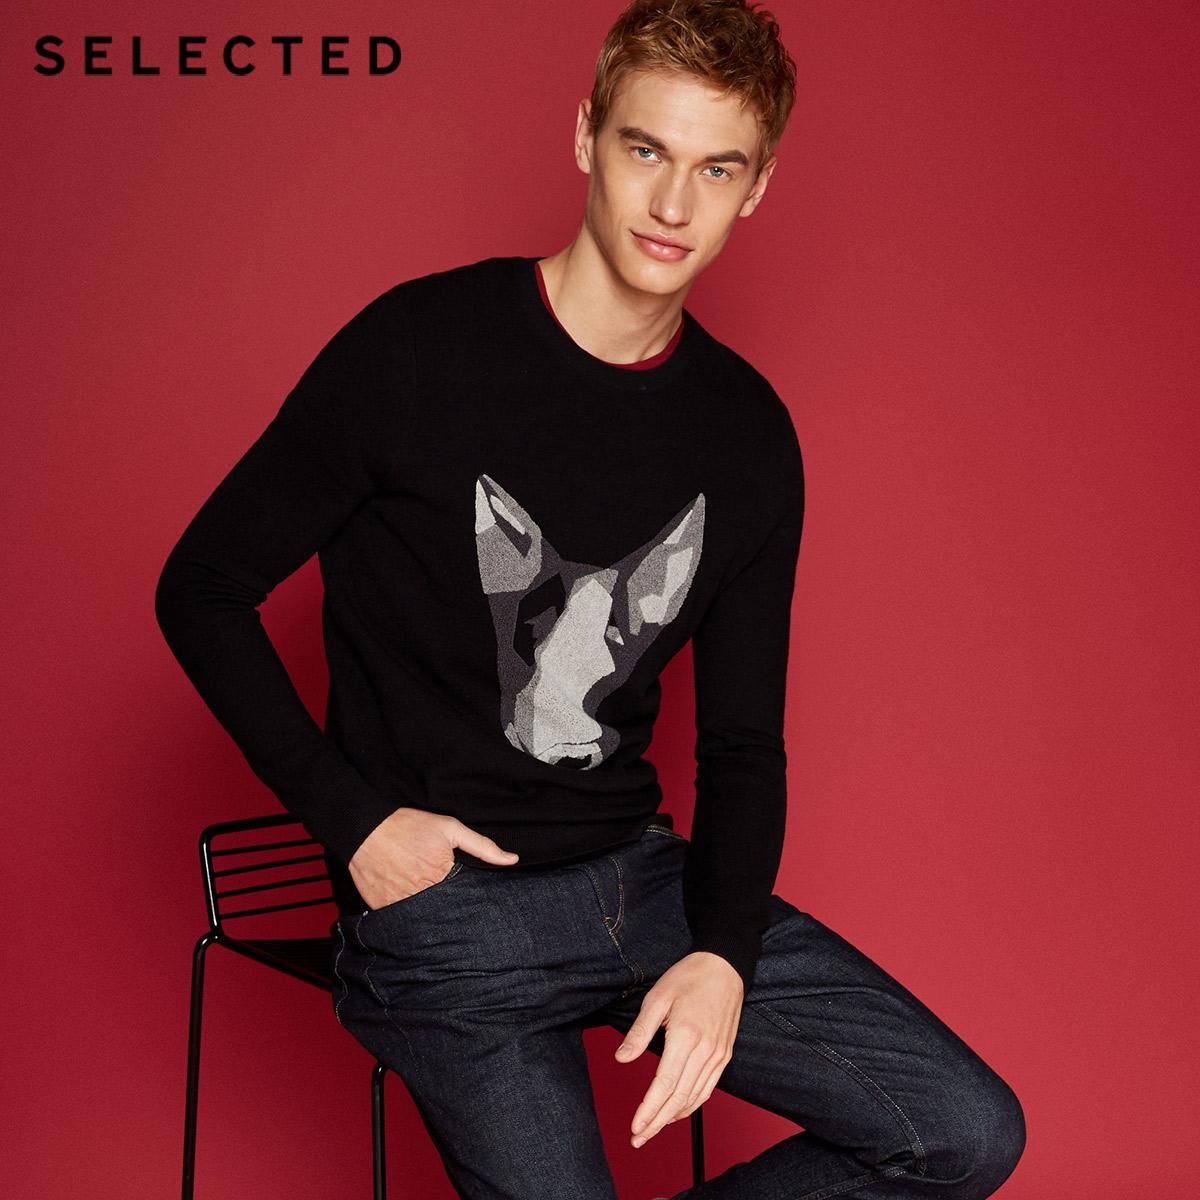 Собирать SELECTED мысль сорняки мораль бараны волосы круглый вырез тенденция случайный мужчина свитер свитер C|418124531